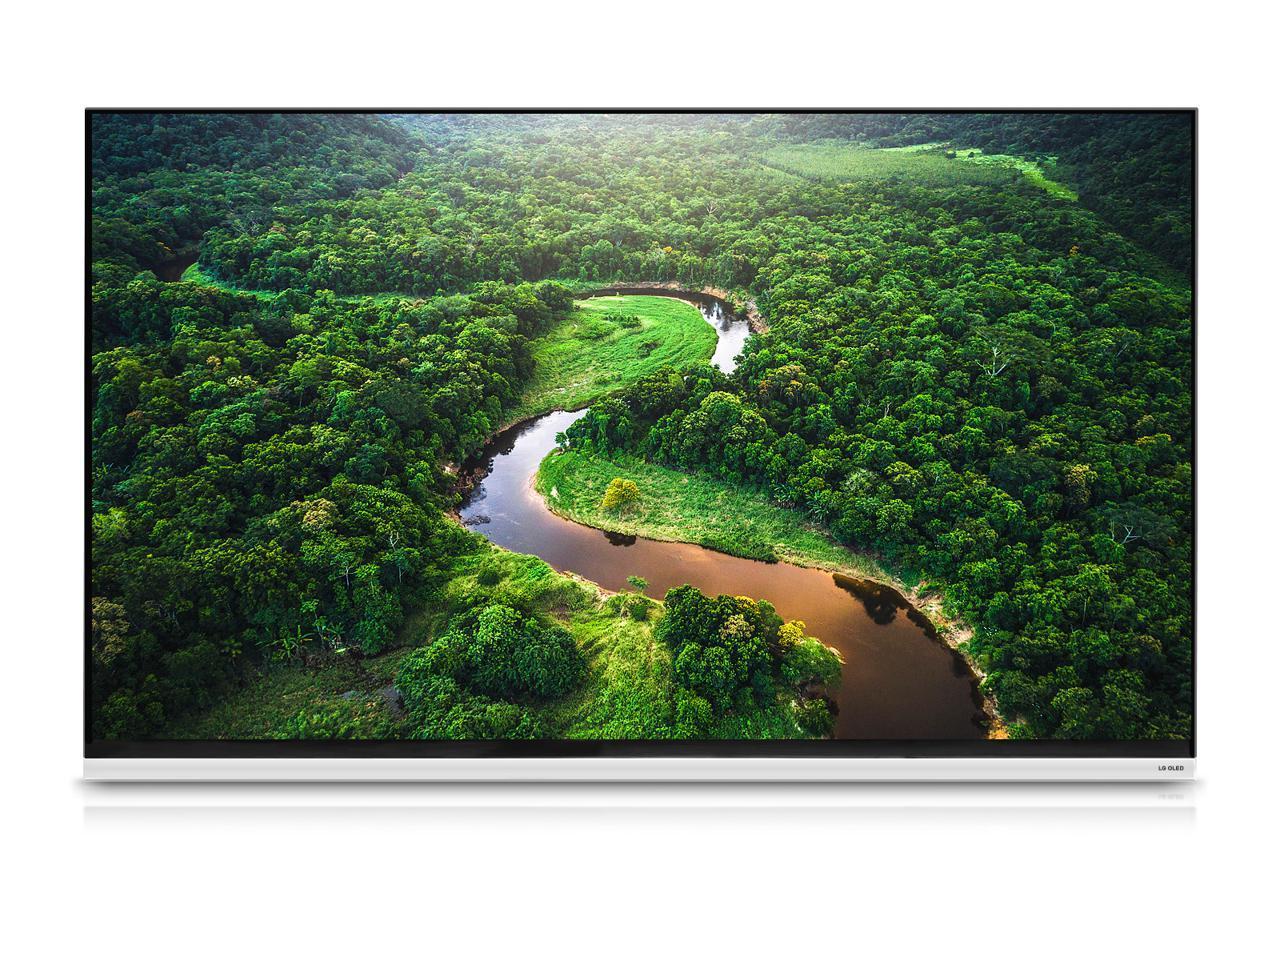 """LG OLED65E9PUA E9 Series - 65"""" 4K HDR Smart OLED TV w/ Al ThinQ (2019 Model) $2199 + FS"""